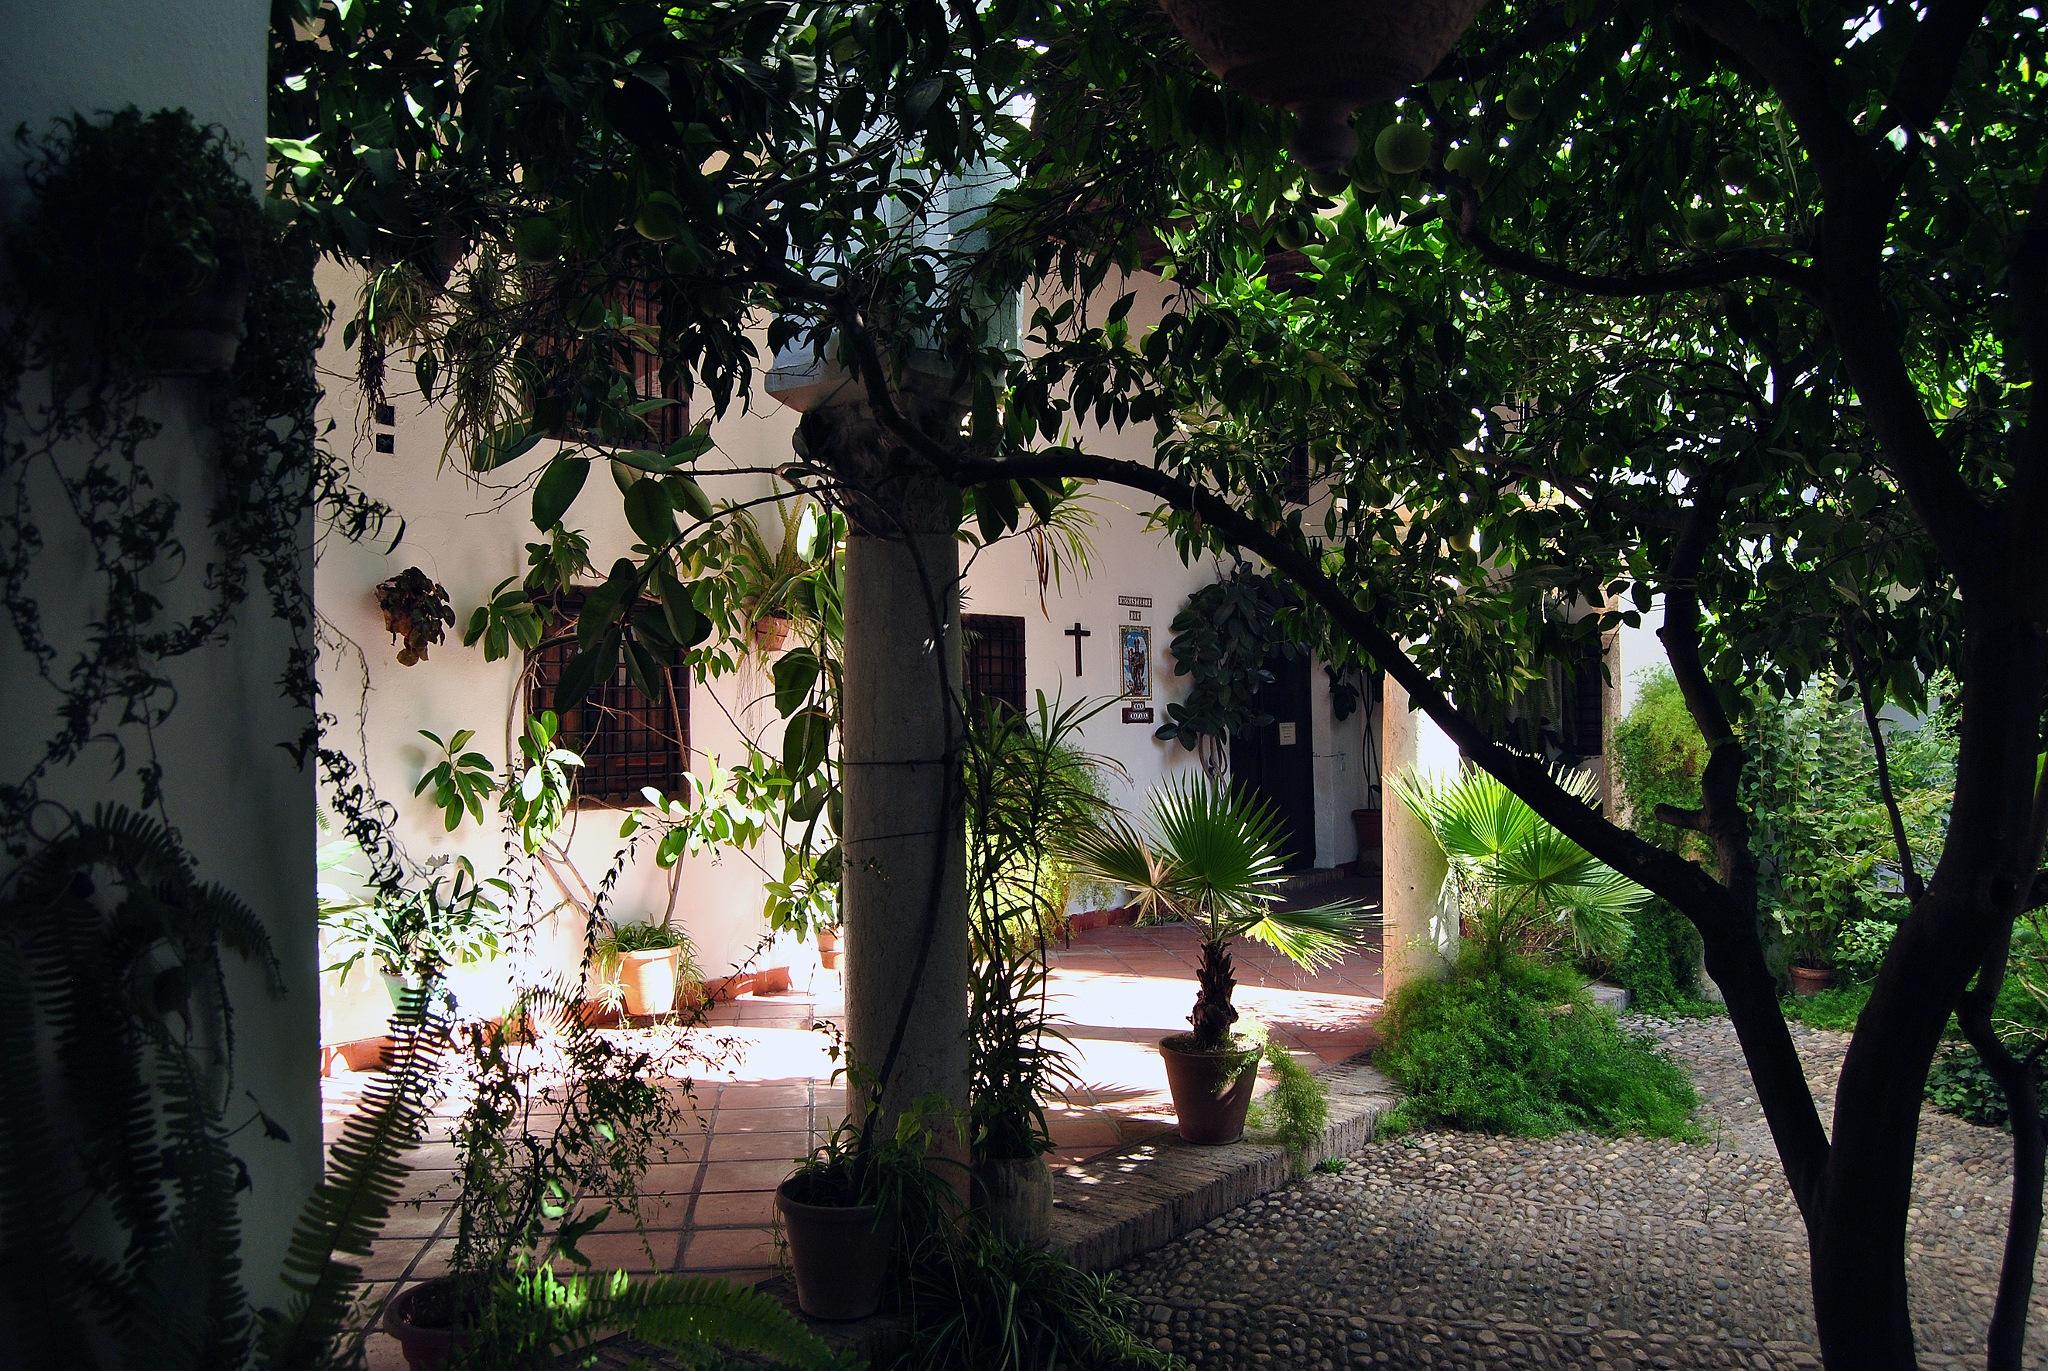 Patio del convento de las Capuchinas. Córdoba by DavidRoldan